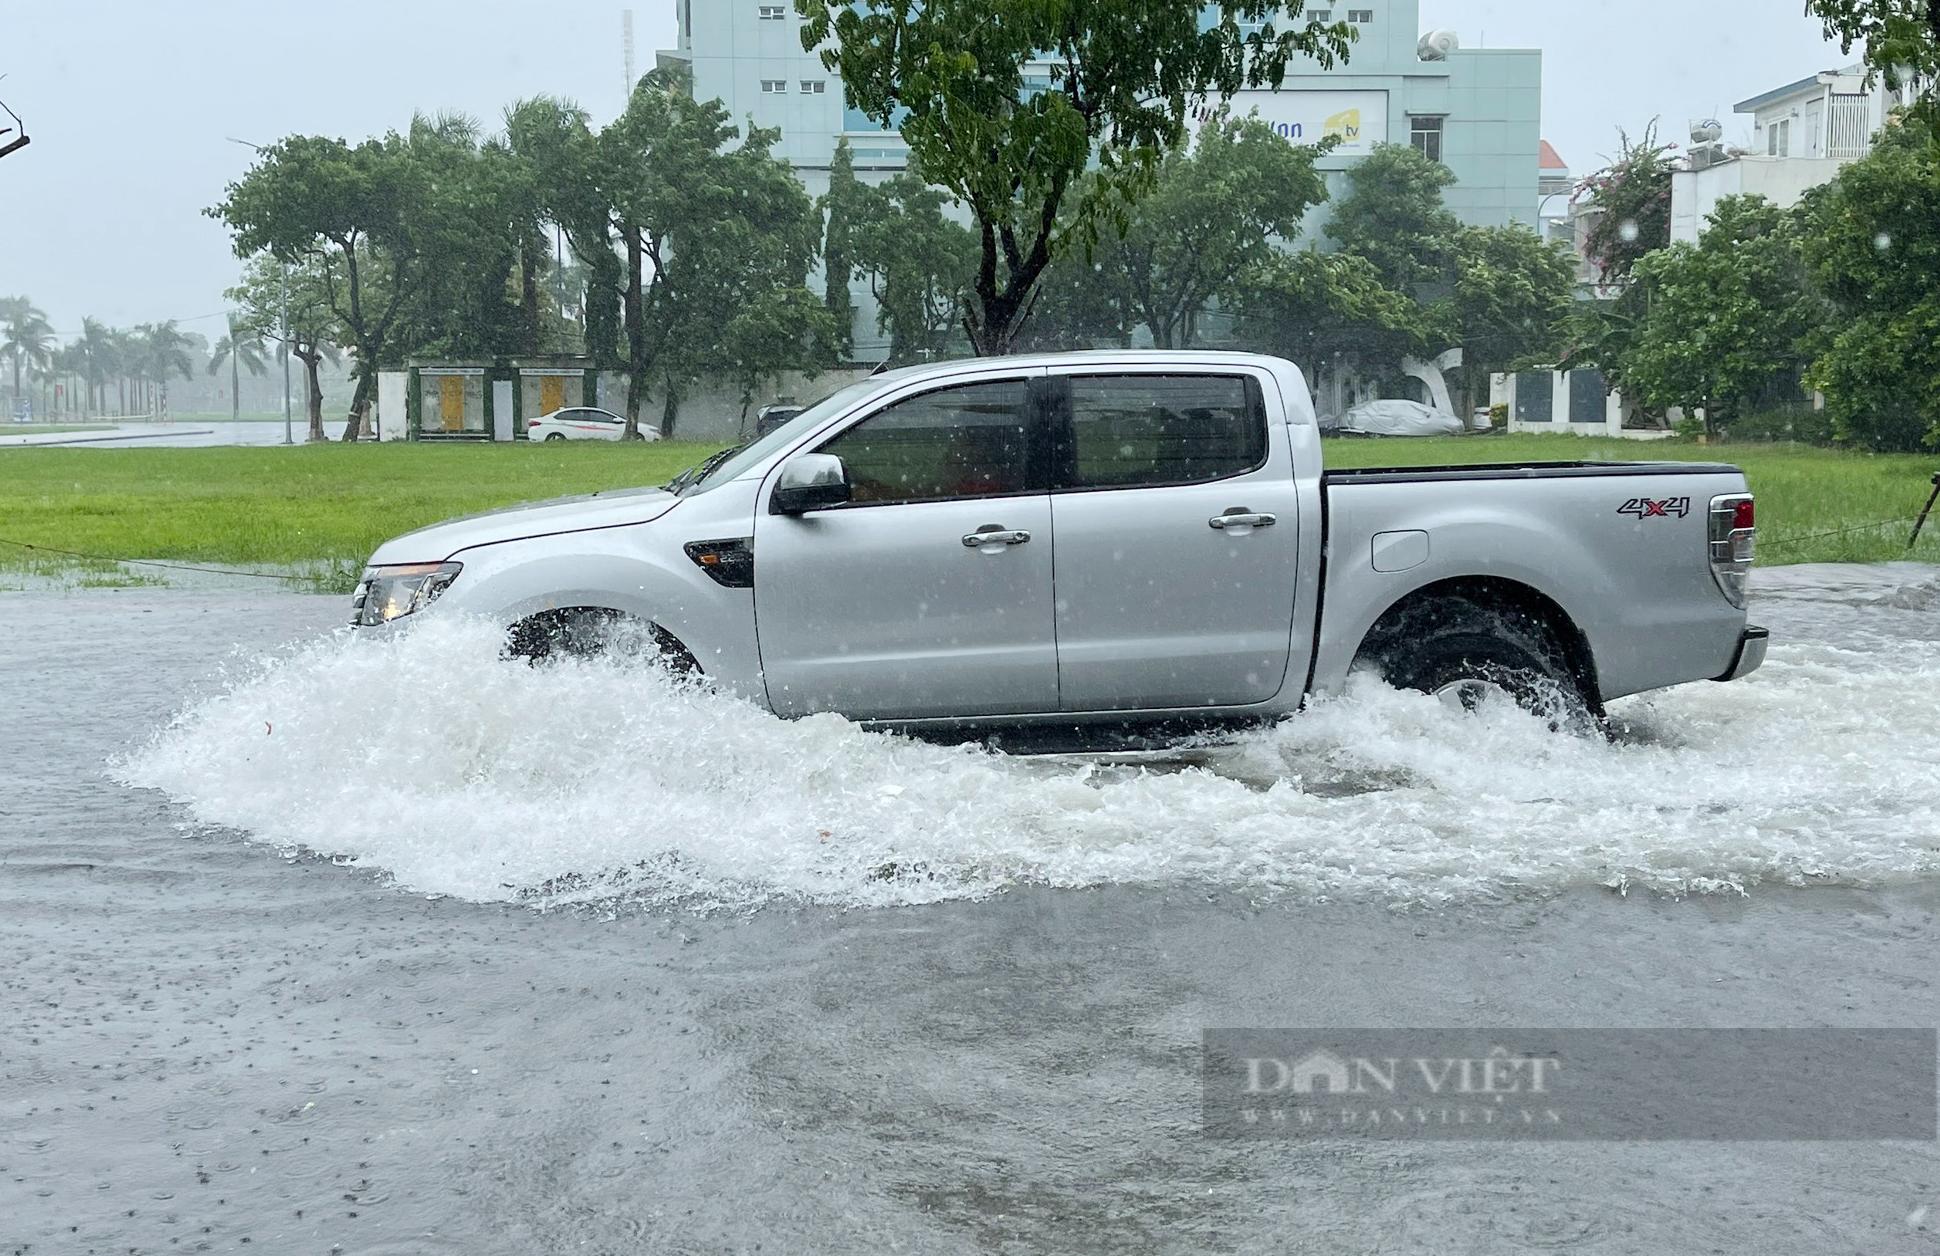 Mưa trắng trời, đường phố Đà Nẵng biến thành... sông - Ảnh 3.